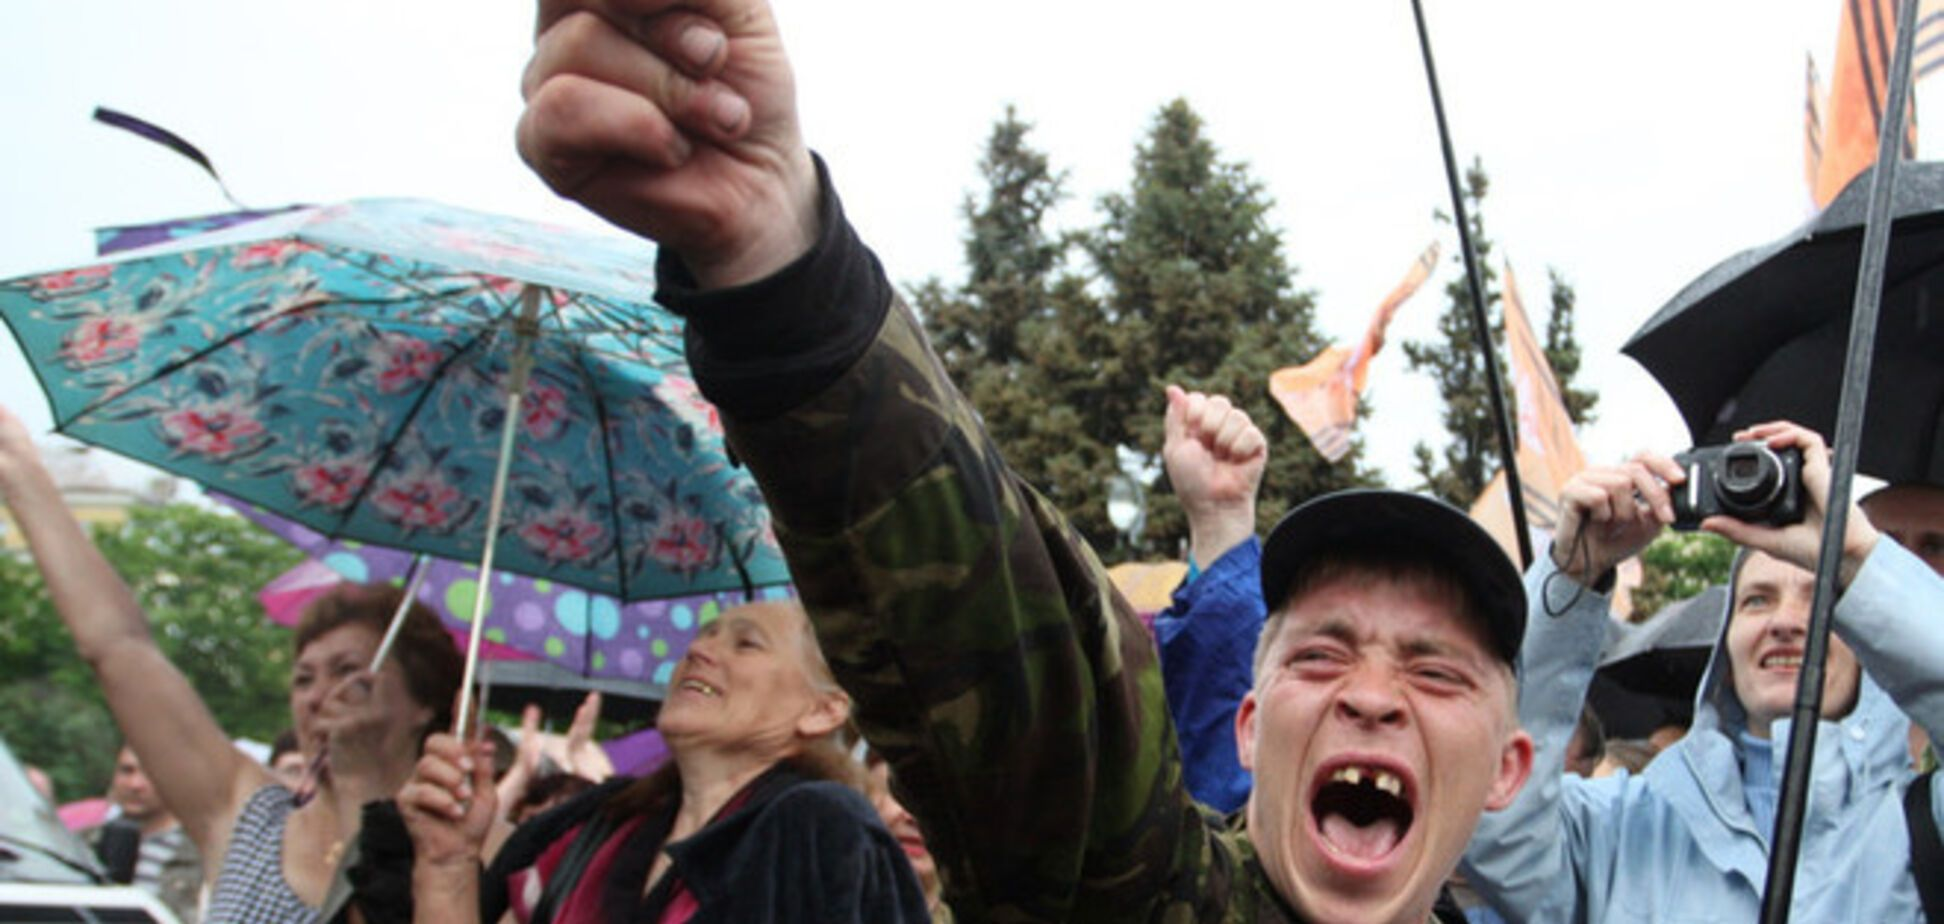 Согласно опросу, две трети луганчан не хотят быть 'гражданами ЛНР'